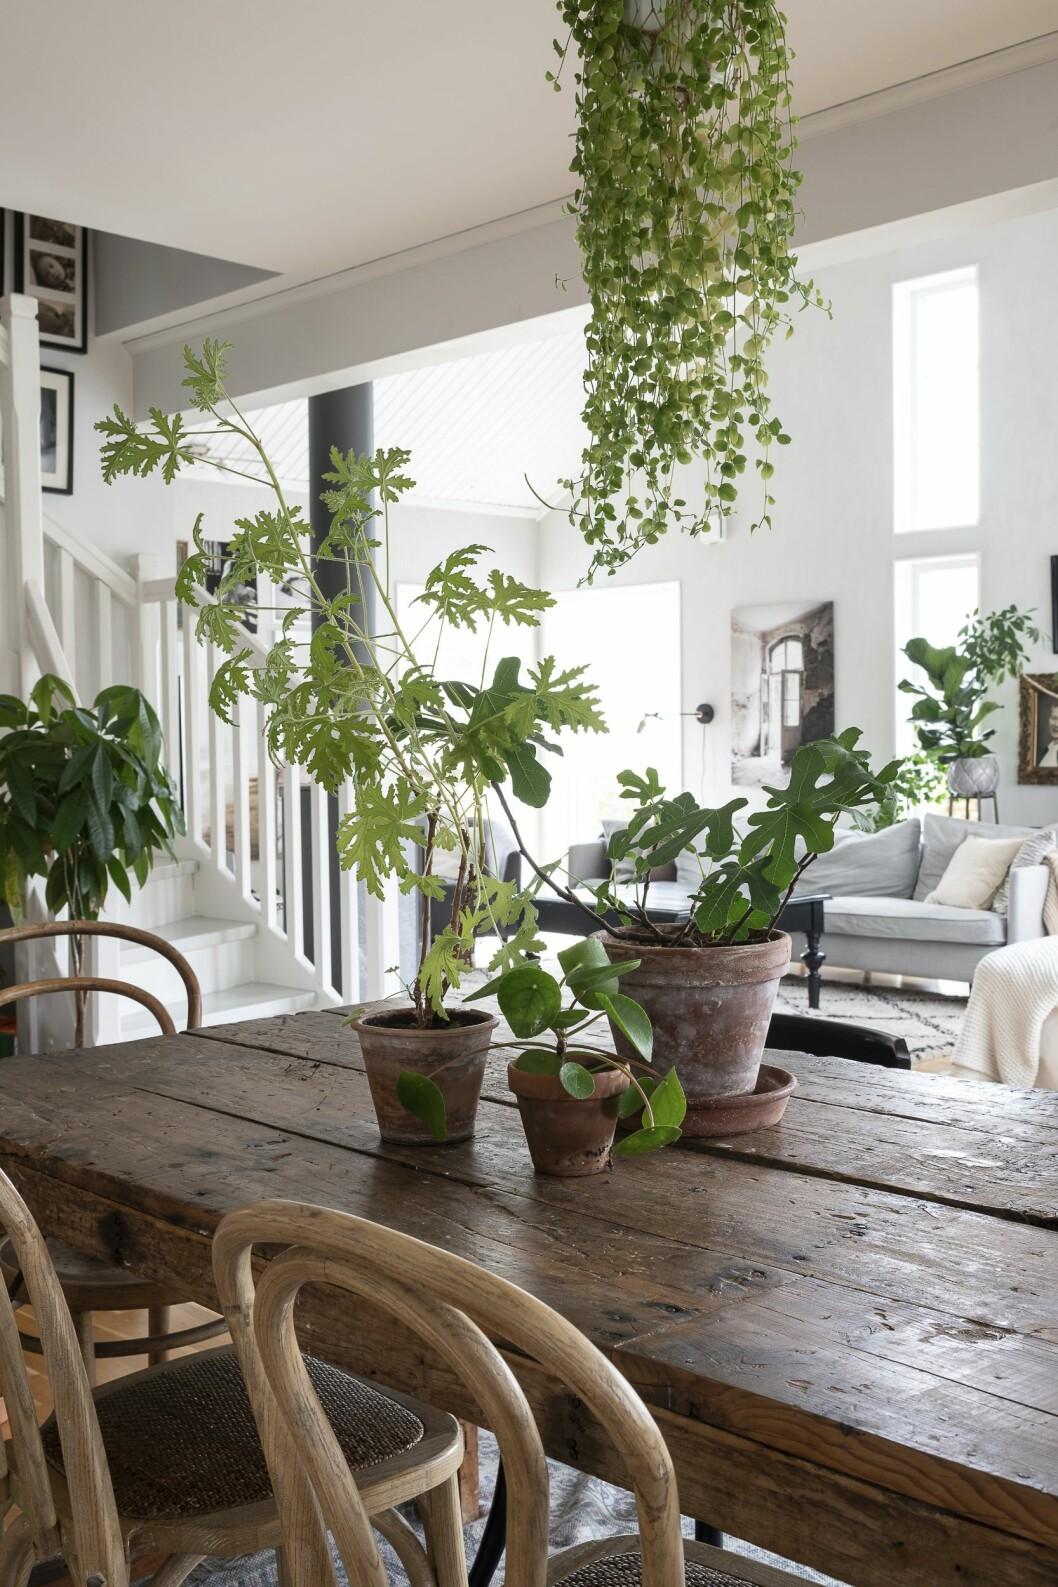 Det är läckert att låta gröna växter hänga ner från taket, här en linpeperomia.